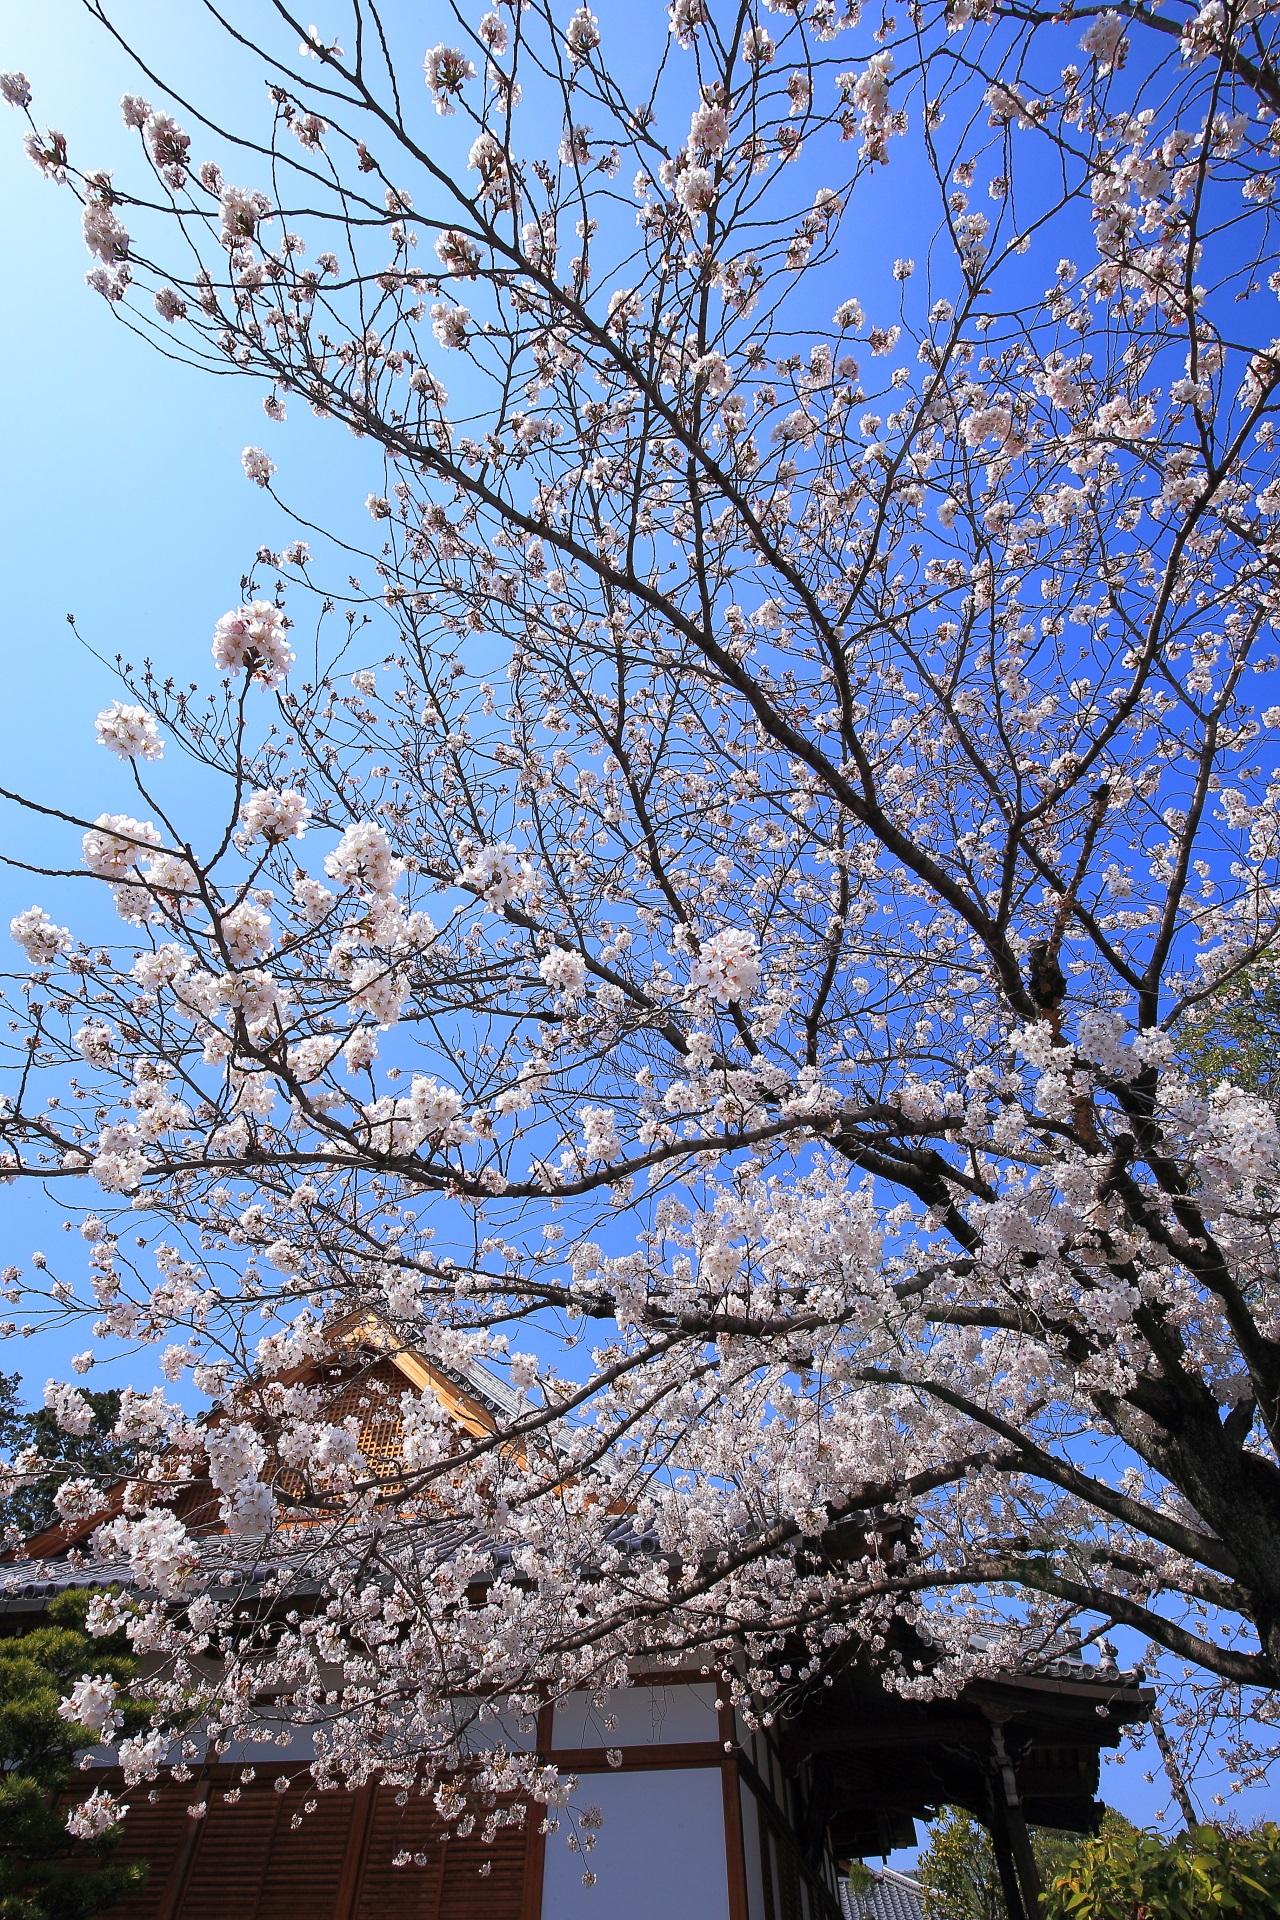 上品蓮台寺の青空の下で咲き誇る豪快な桜